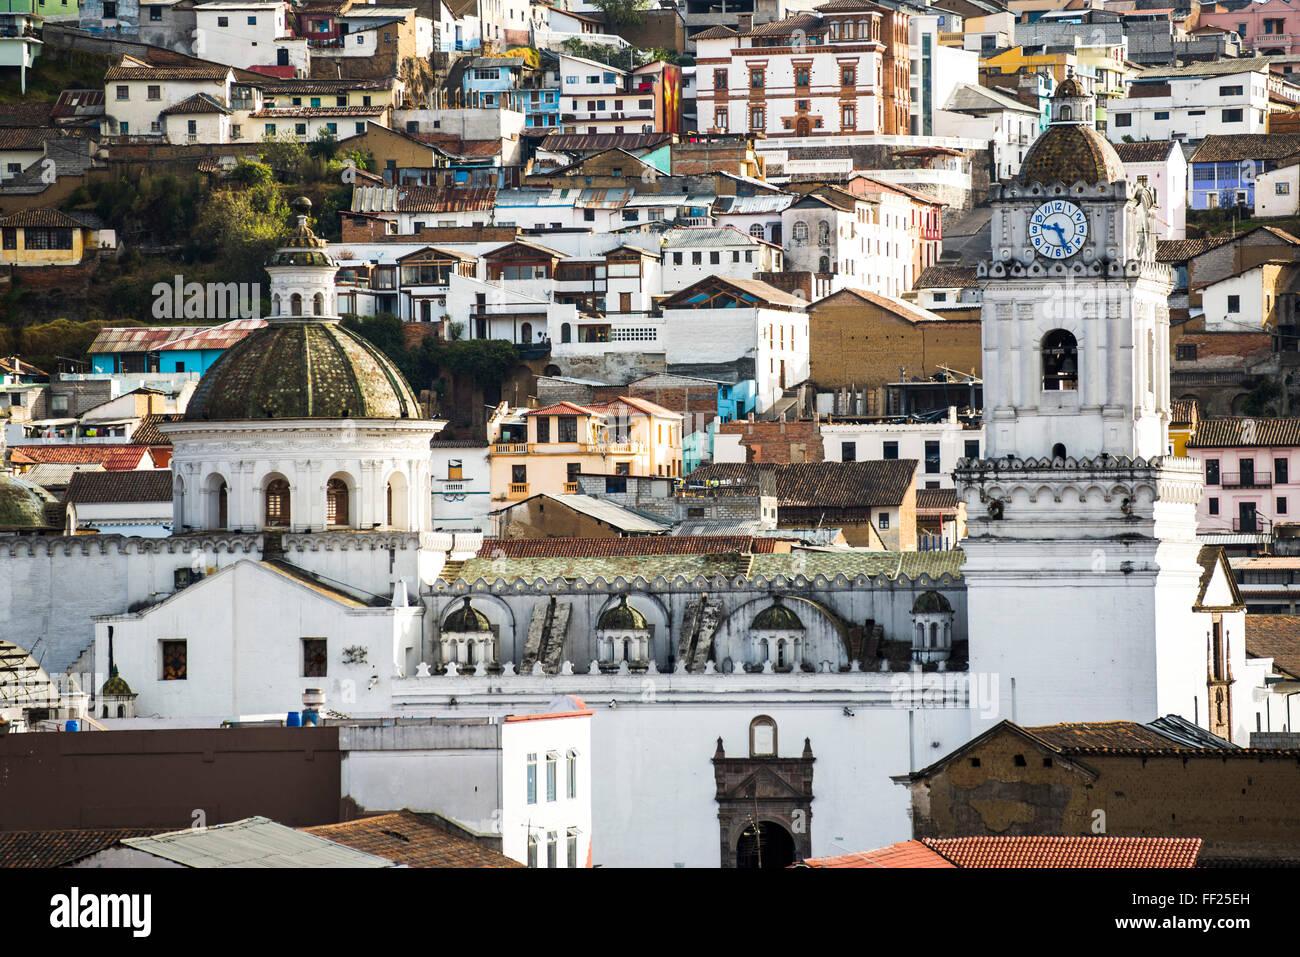 ArchitecturaRM detaiRMs à l'ORMd Ville de Quito, l'UNESCO WorRMd Site du patrimoine, de l'Équateur, Photo Stock